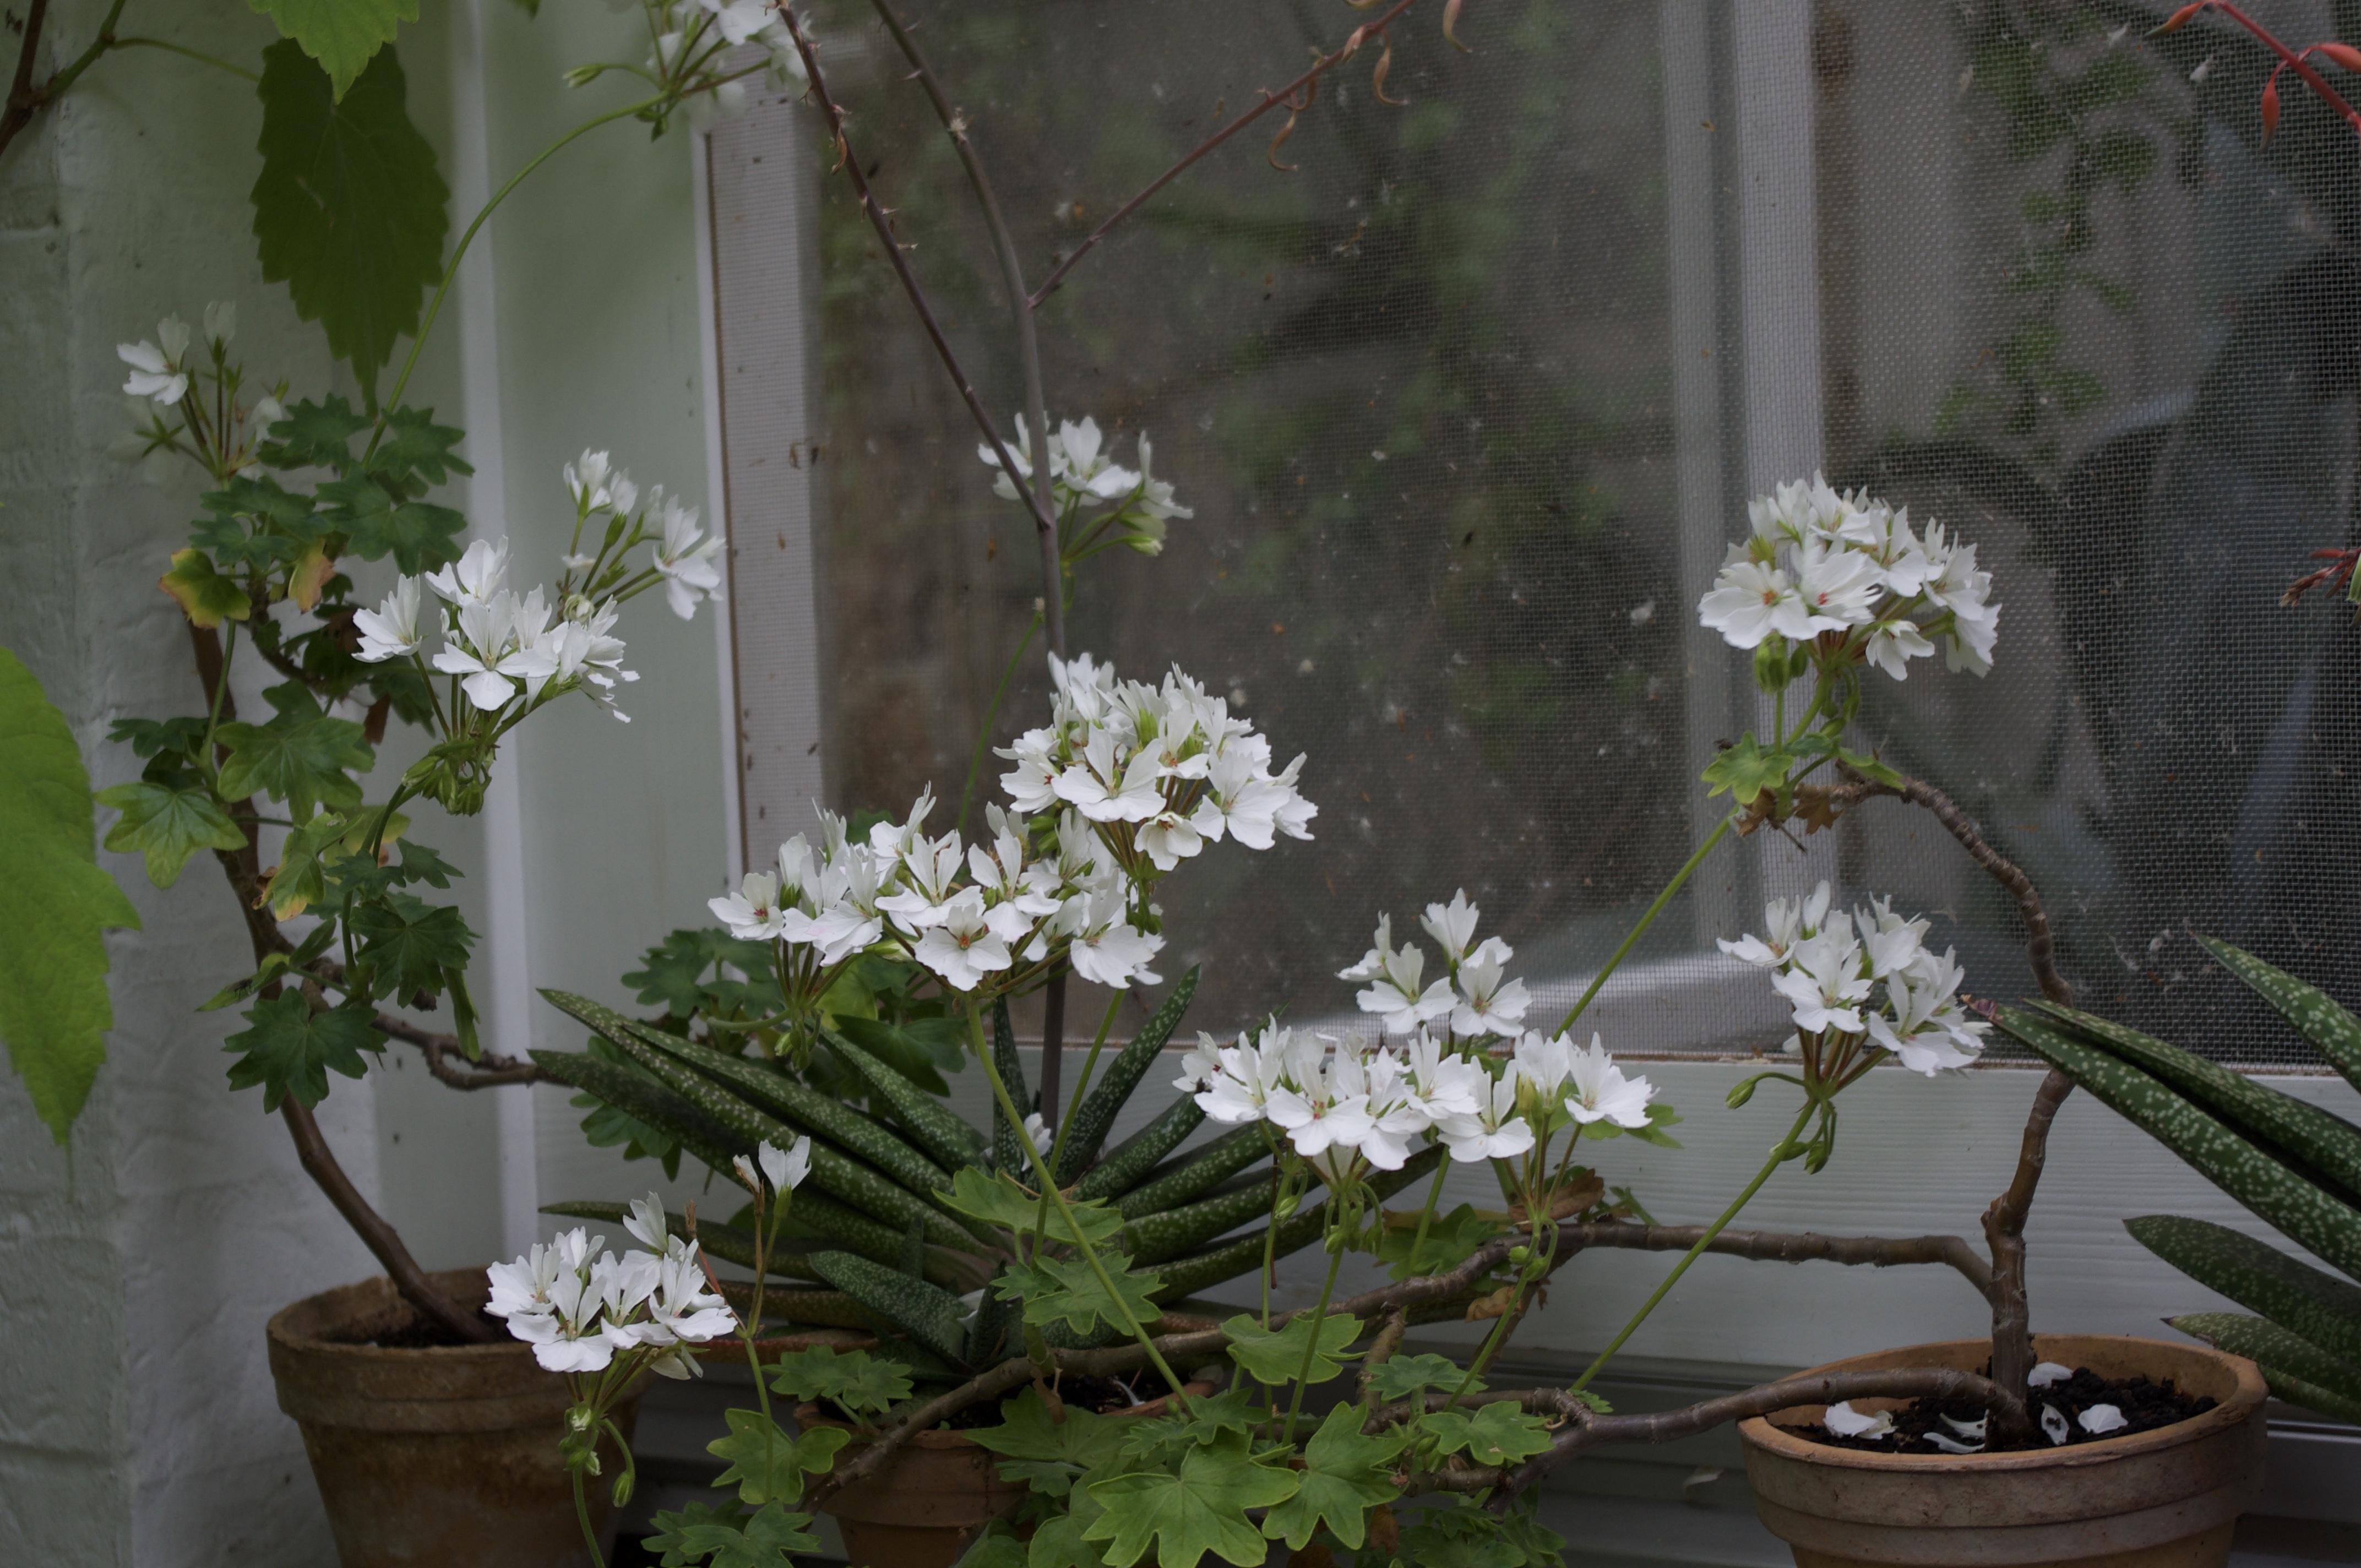 Blume vorm Fenster